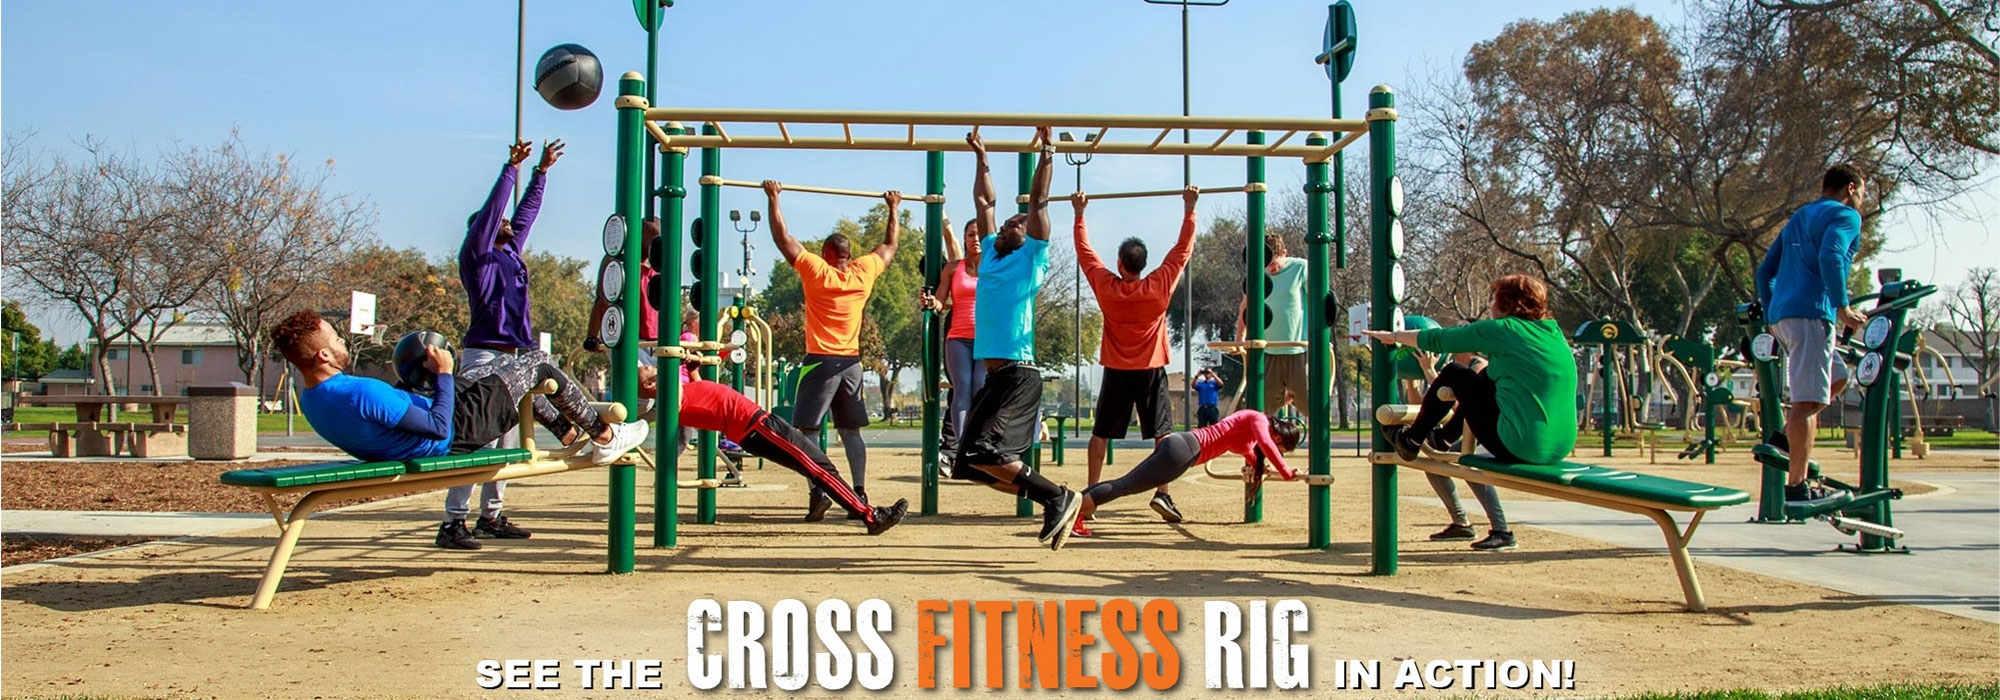 Cross Fitness Rig